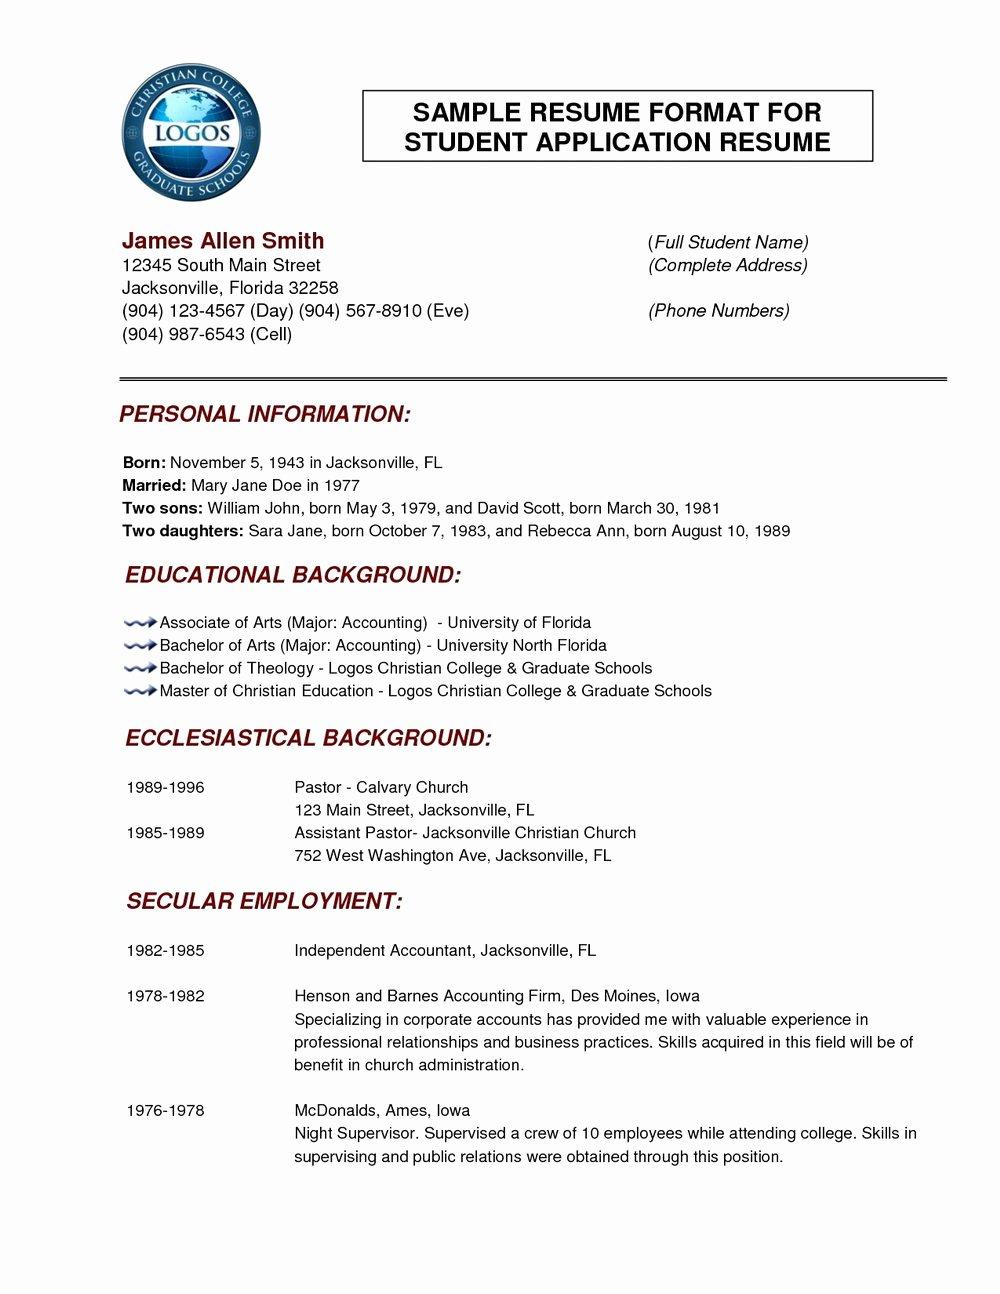 Job Resume format Download Pdf Resumes 491